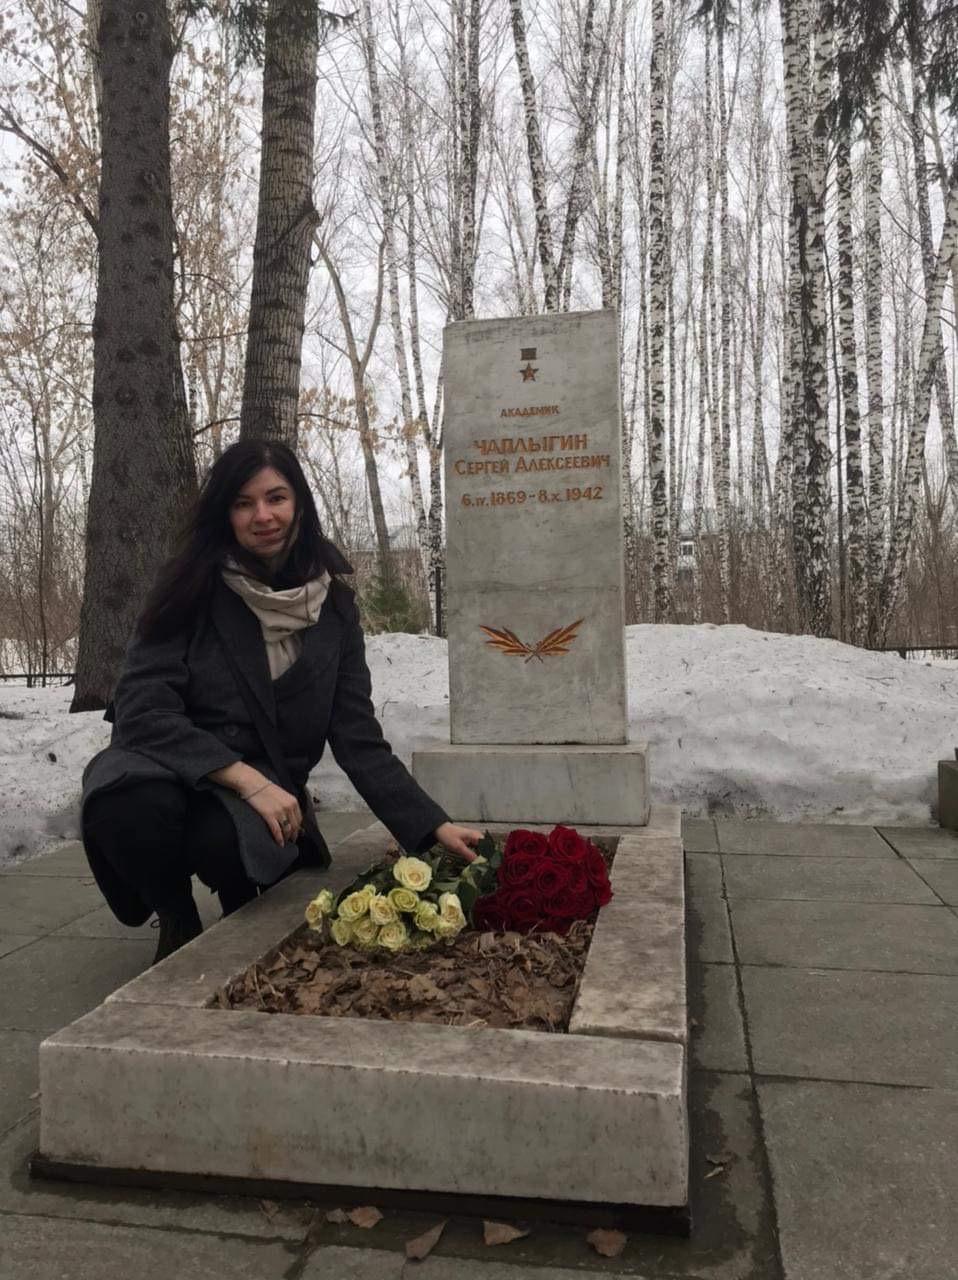 Представитель «Русской Инициативы» Марина Сакулина возложила цветы на могилу и к памятнику великого советского учёного_006_05.04.2021